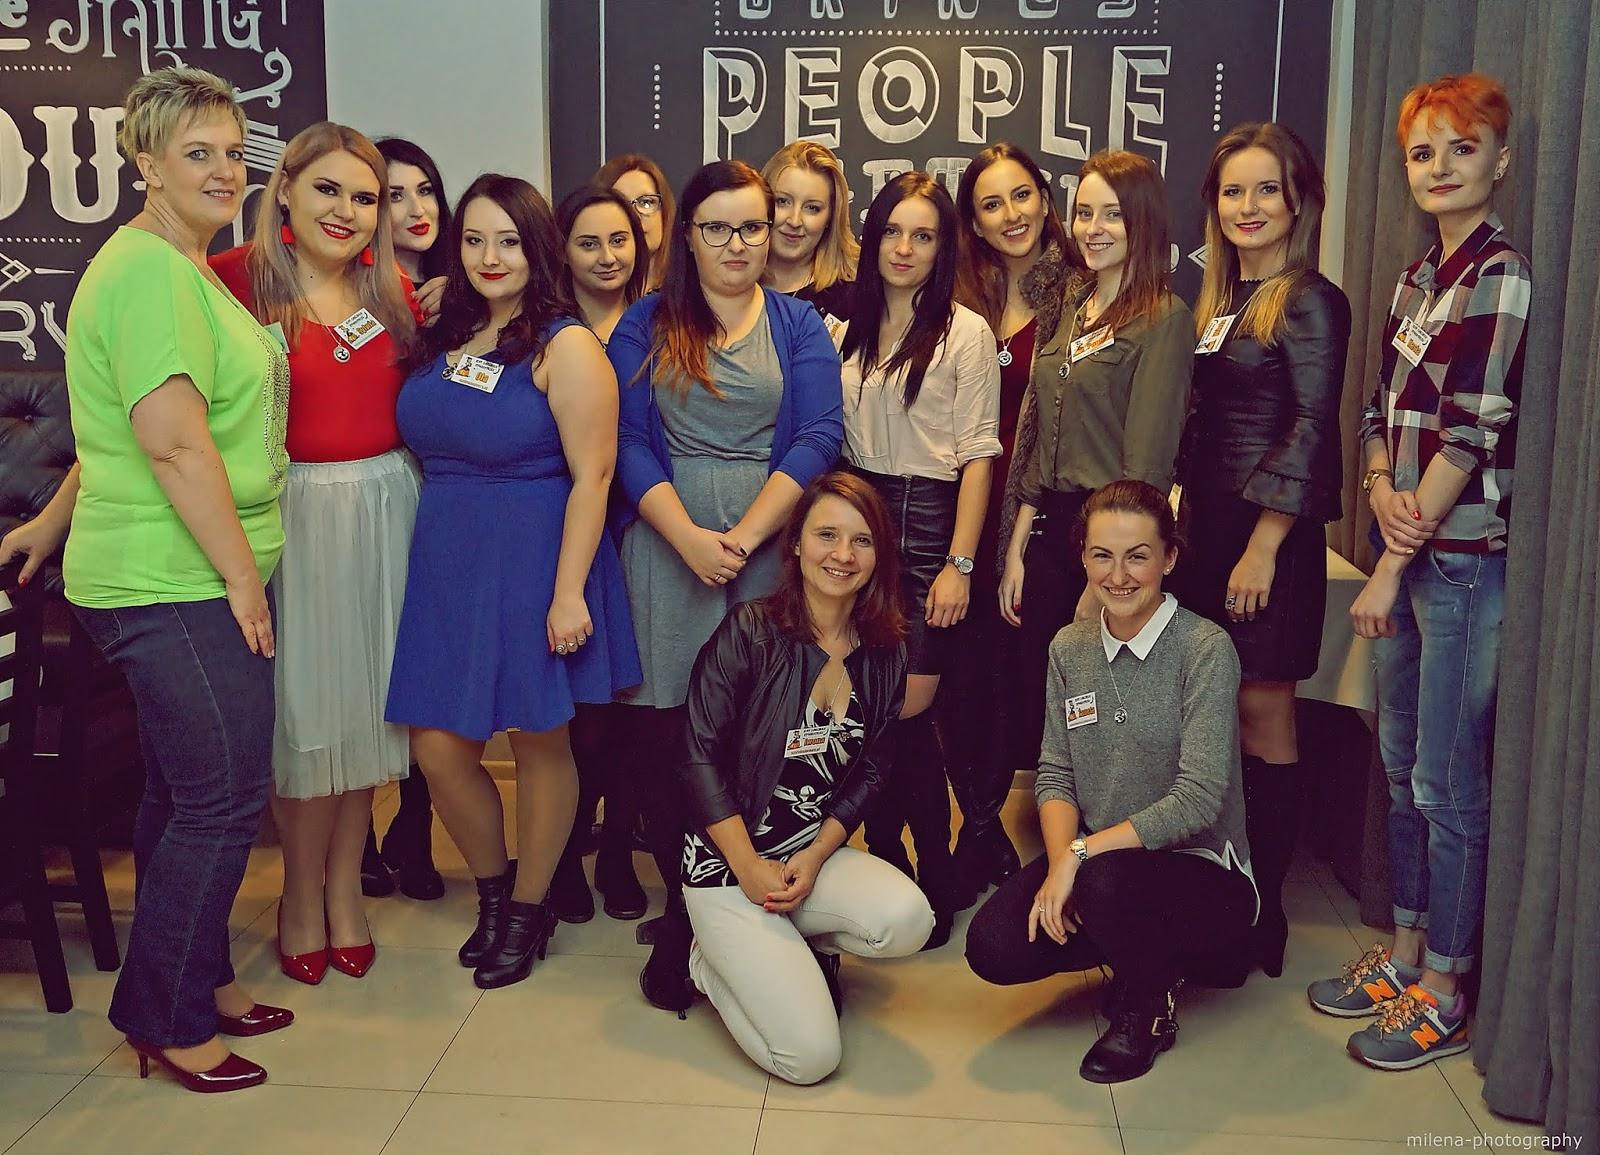 Zlot lubelskich straszydełek - relacja ze spotkania blogerek - oczami współorganizatorki :)